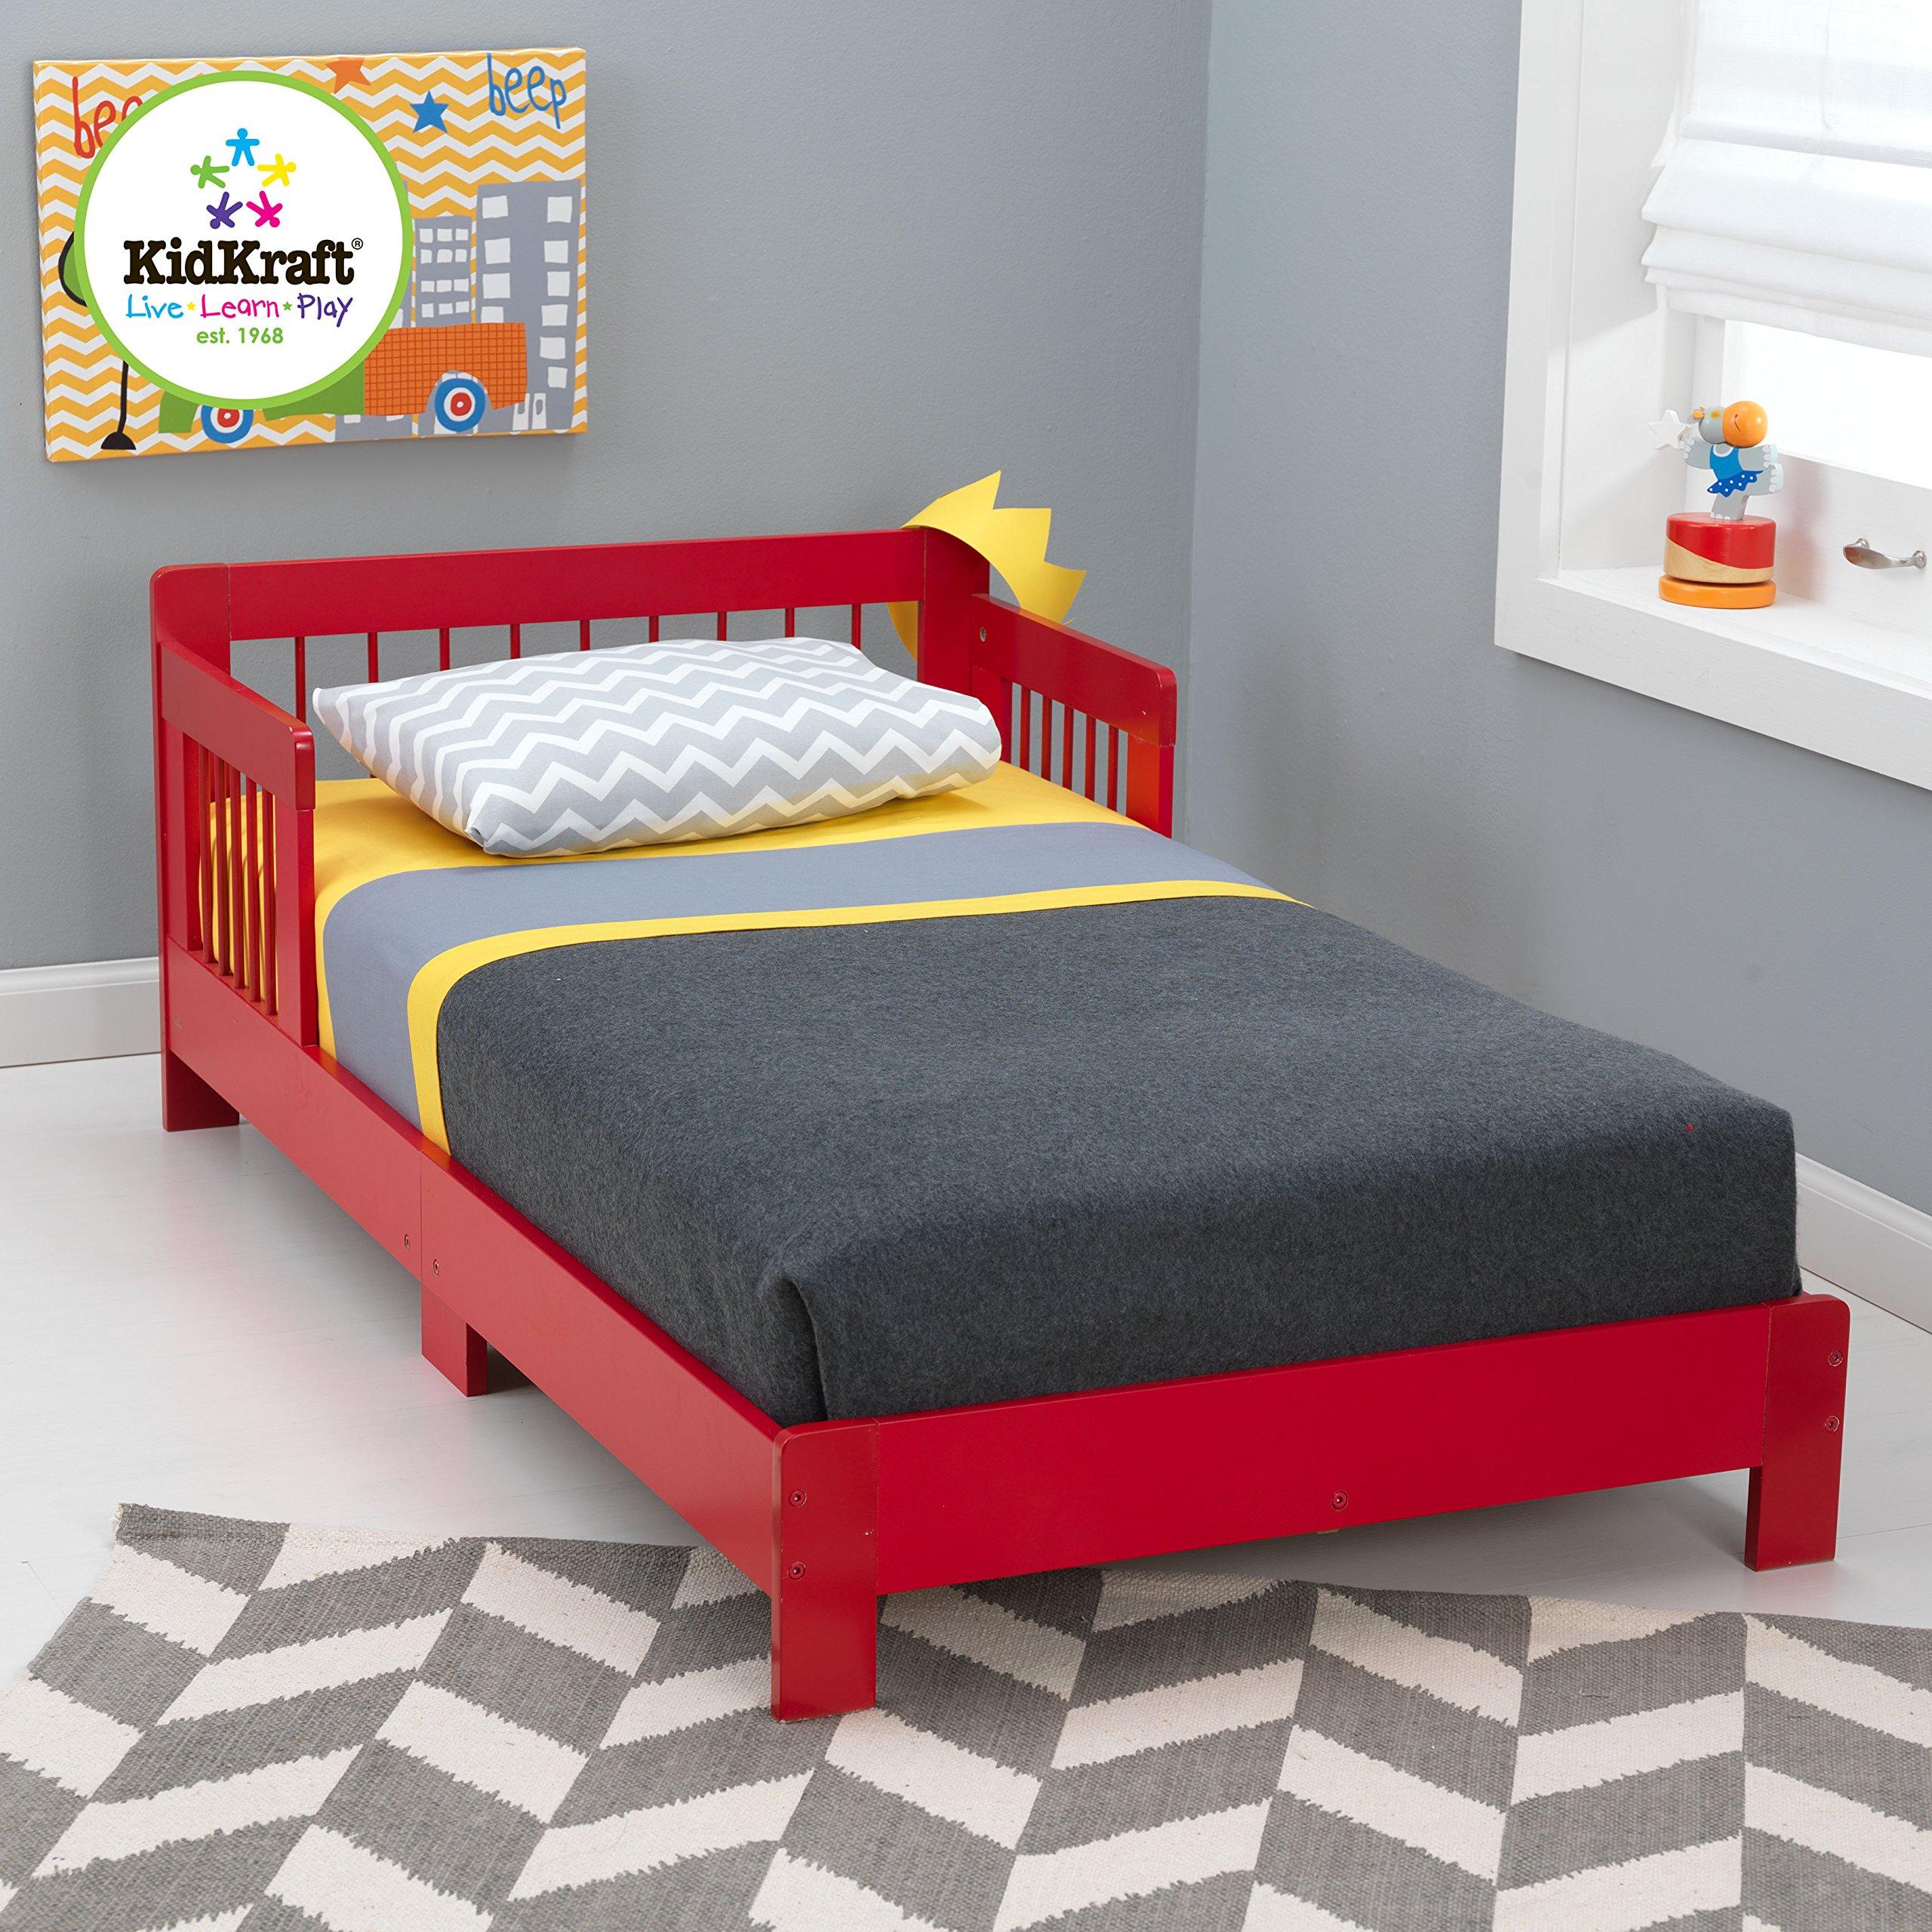 KidKraft Toddler Houston Bed, White